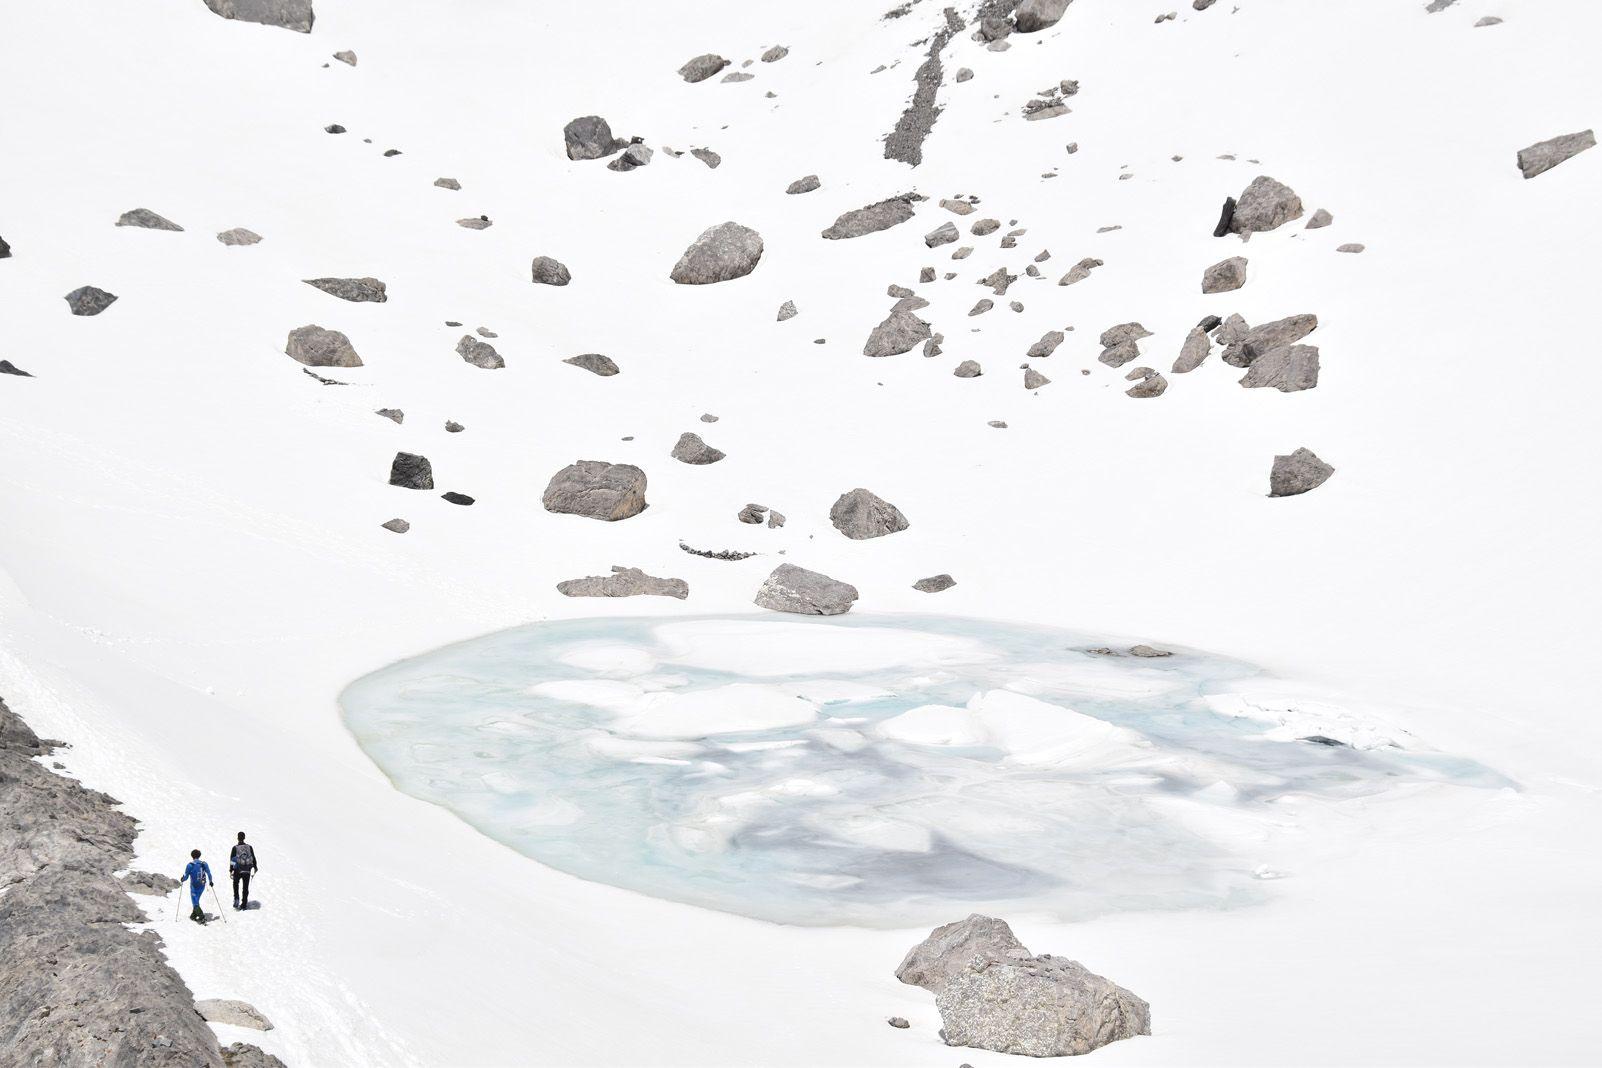 2n guanyador Carles Claraco Anguera   Trescant entre gel i neu als peus del Monte Perdido   Estany Helado, a sota del coll del Cilindro i del cim del Monte Perdido